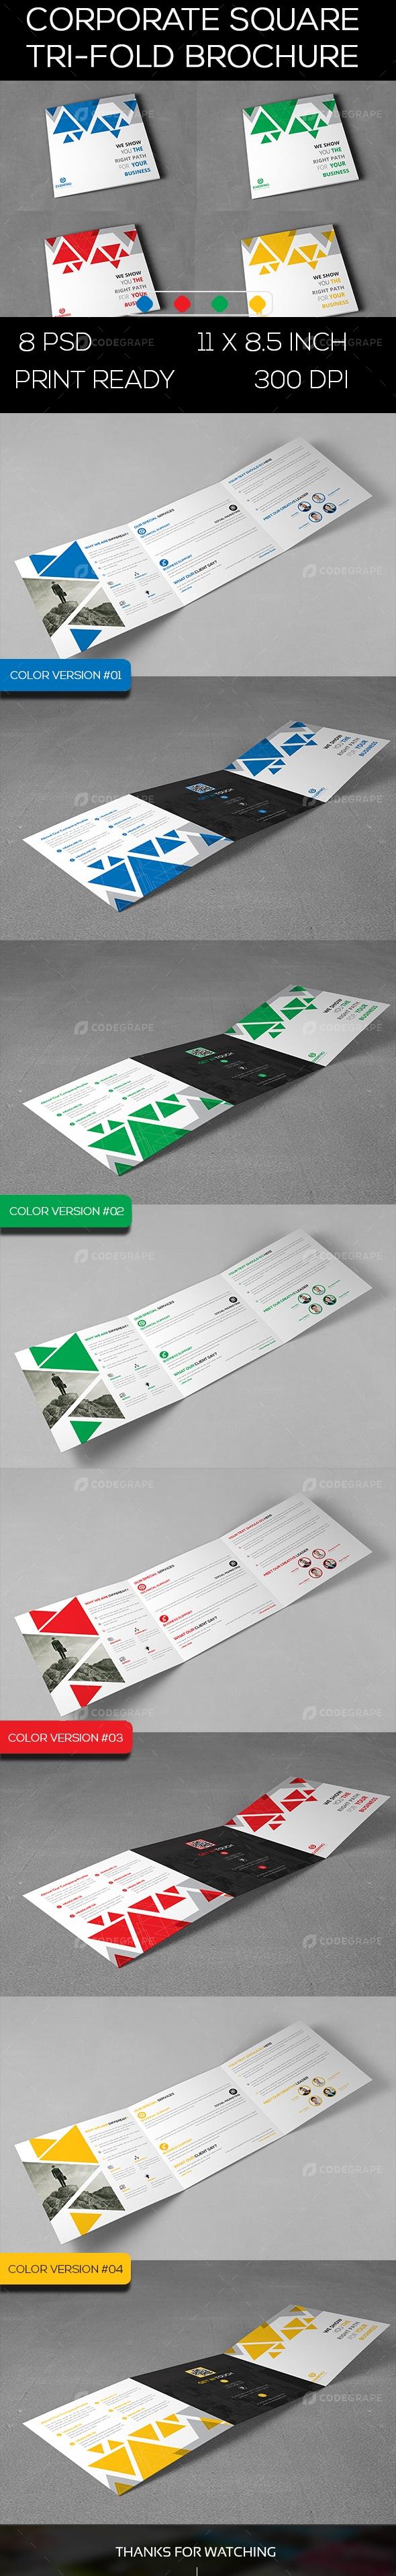 Corporate Square Tri fold Brochure